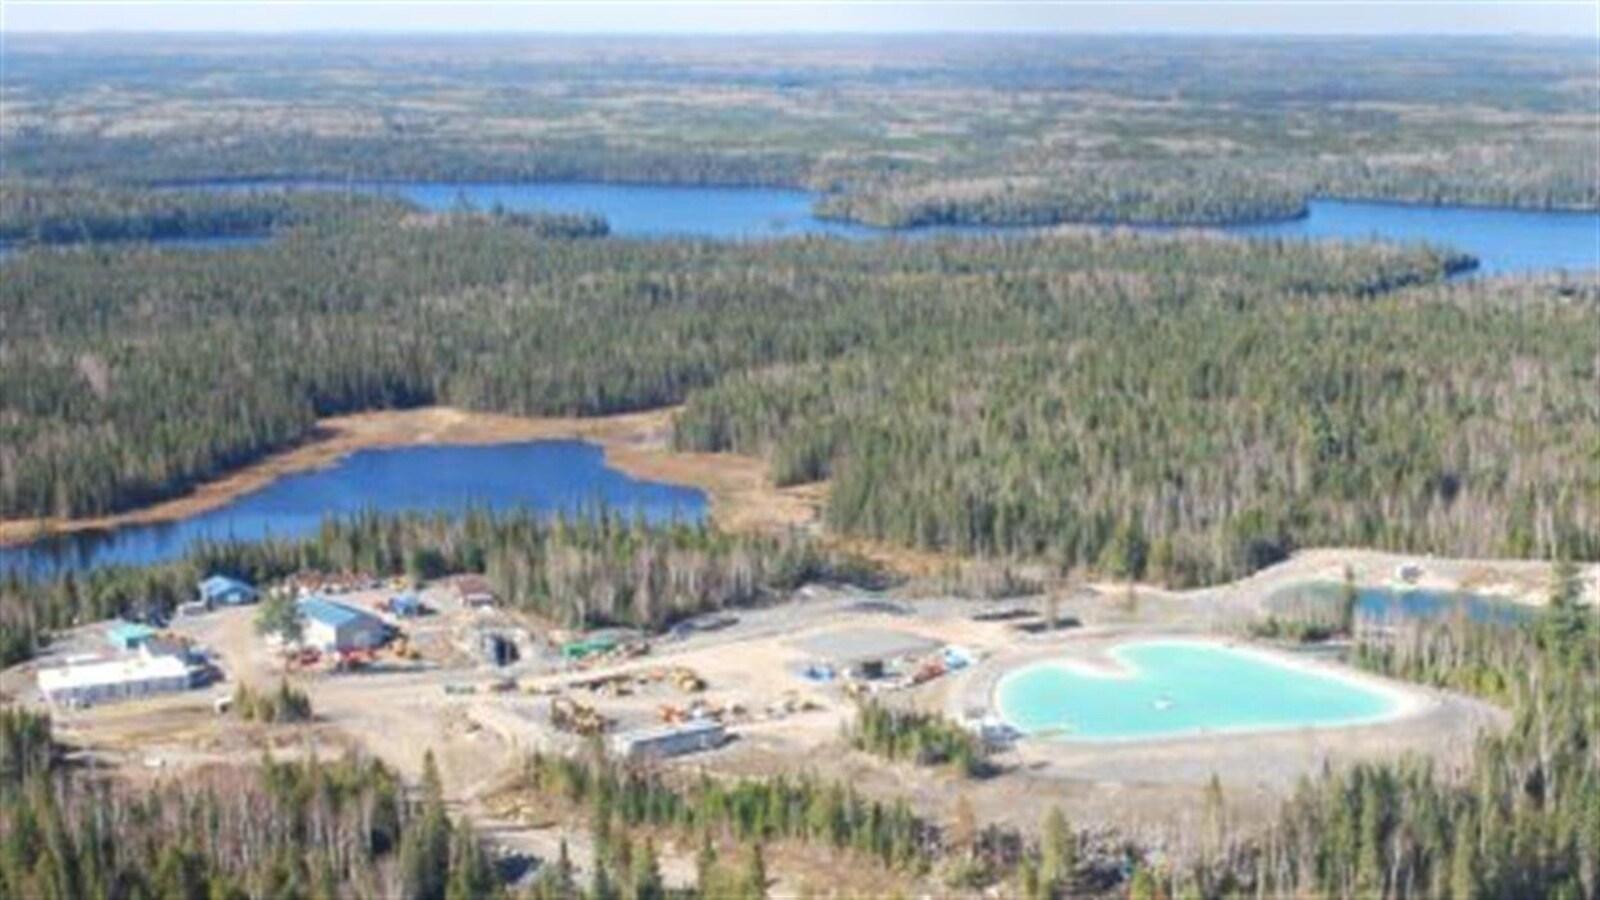 Vue aérienne d'un camp de travailleurs minier entouré de forêt boréale.